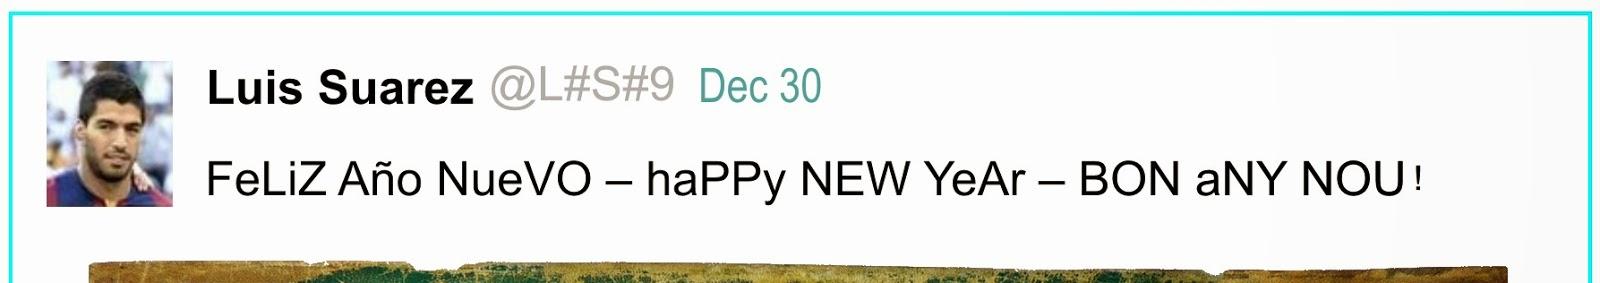 Mensaje de Feliz Año Nuevo.